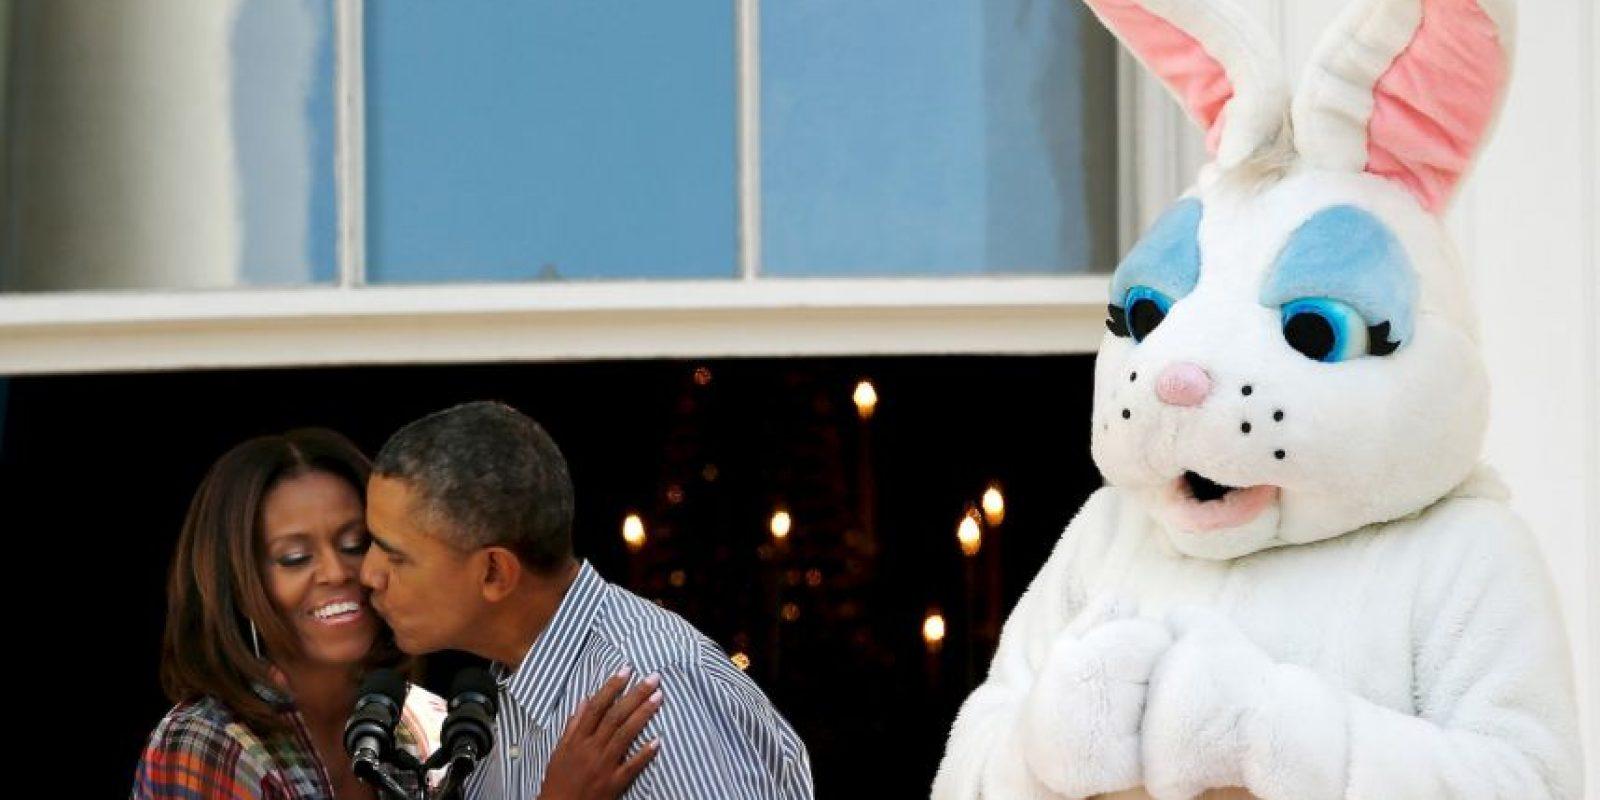 Como todo matrimonio, los Obama han reconocido tener buenos y malos momentos. Foto:Getty Images. Imagen Por: